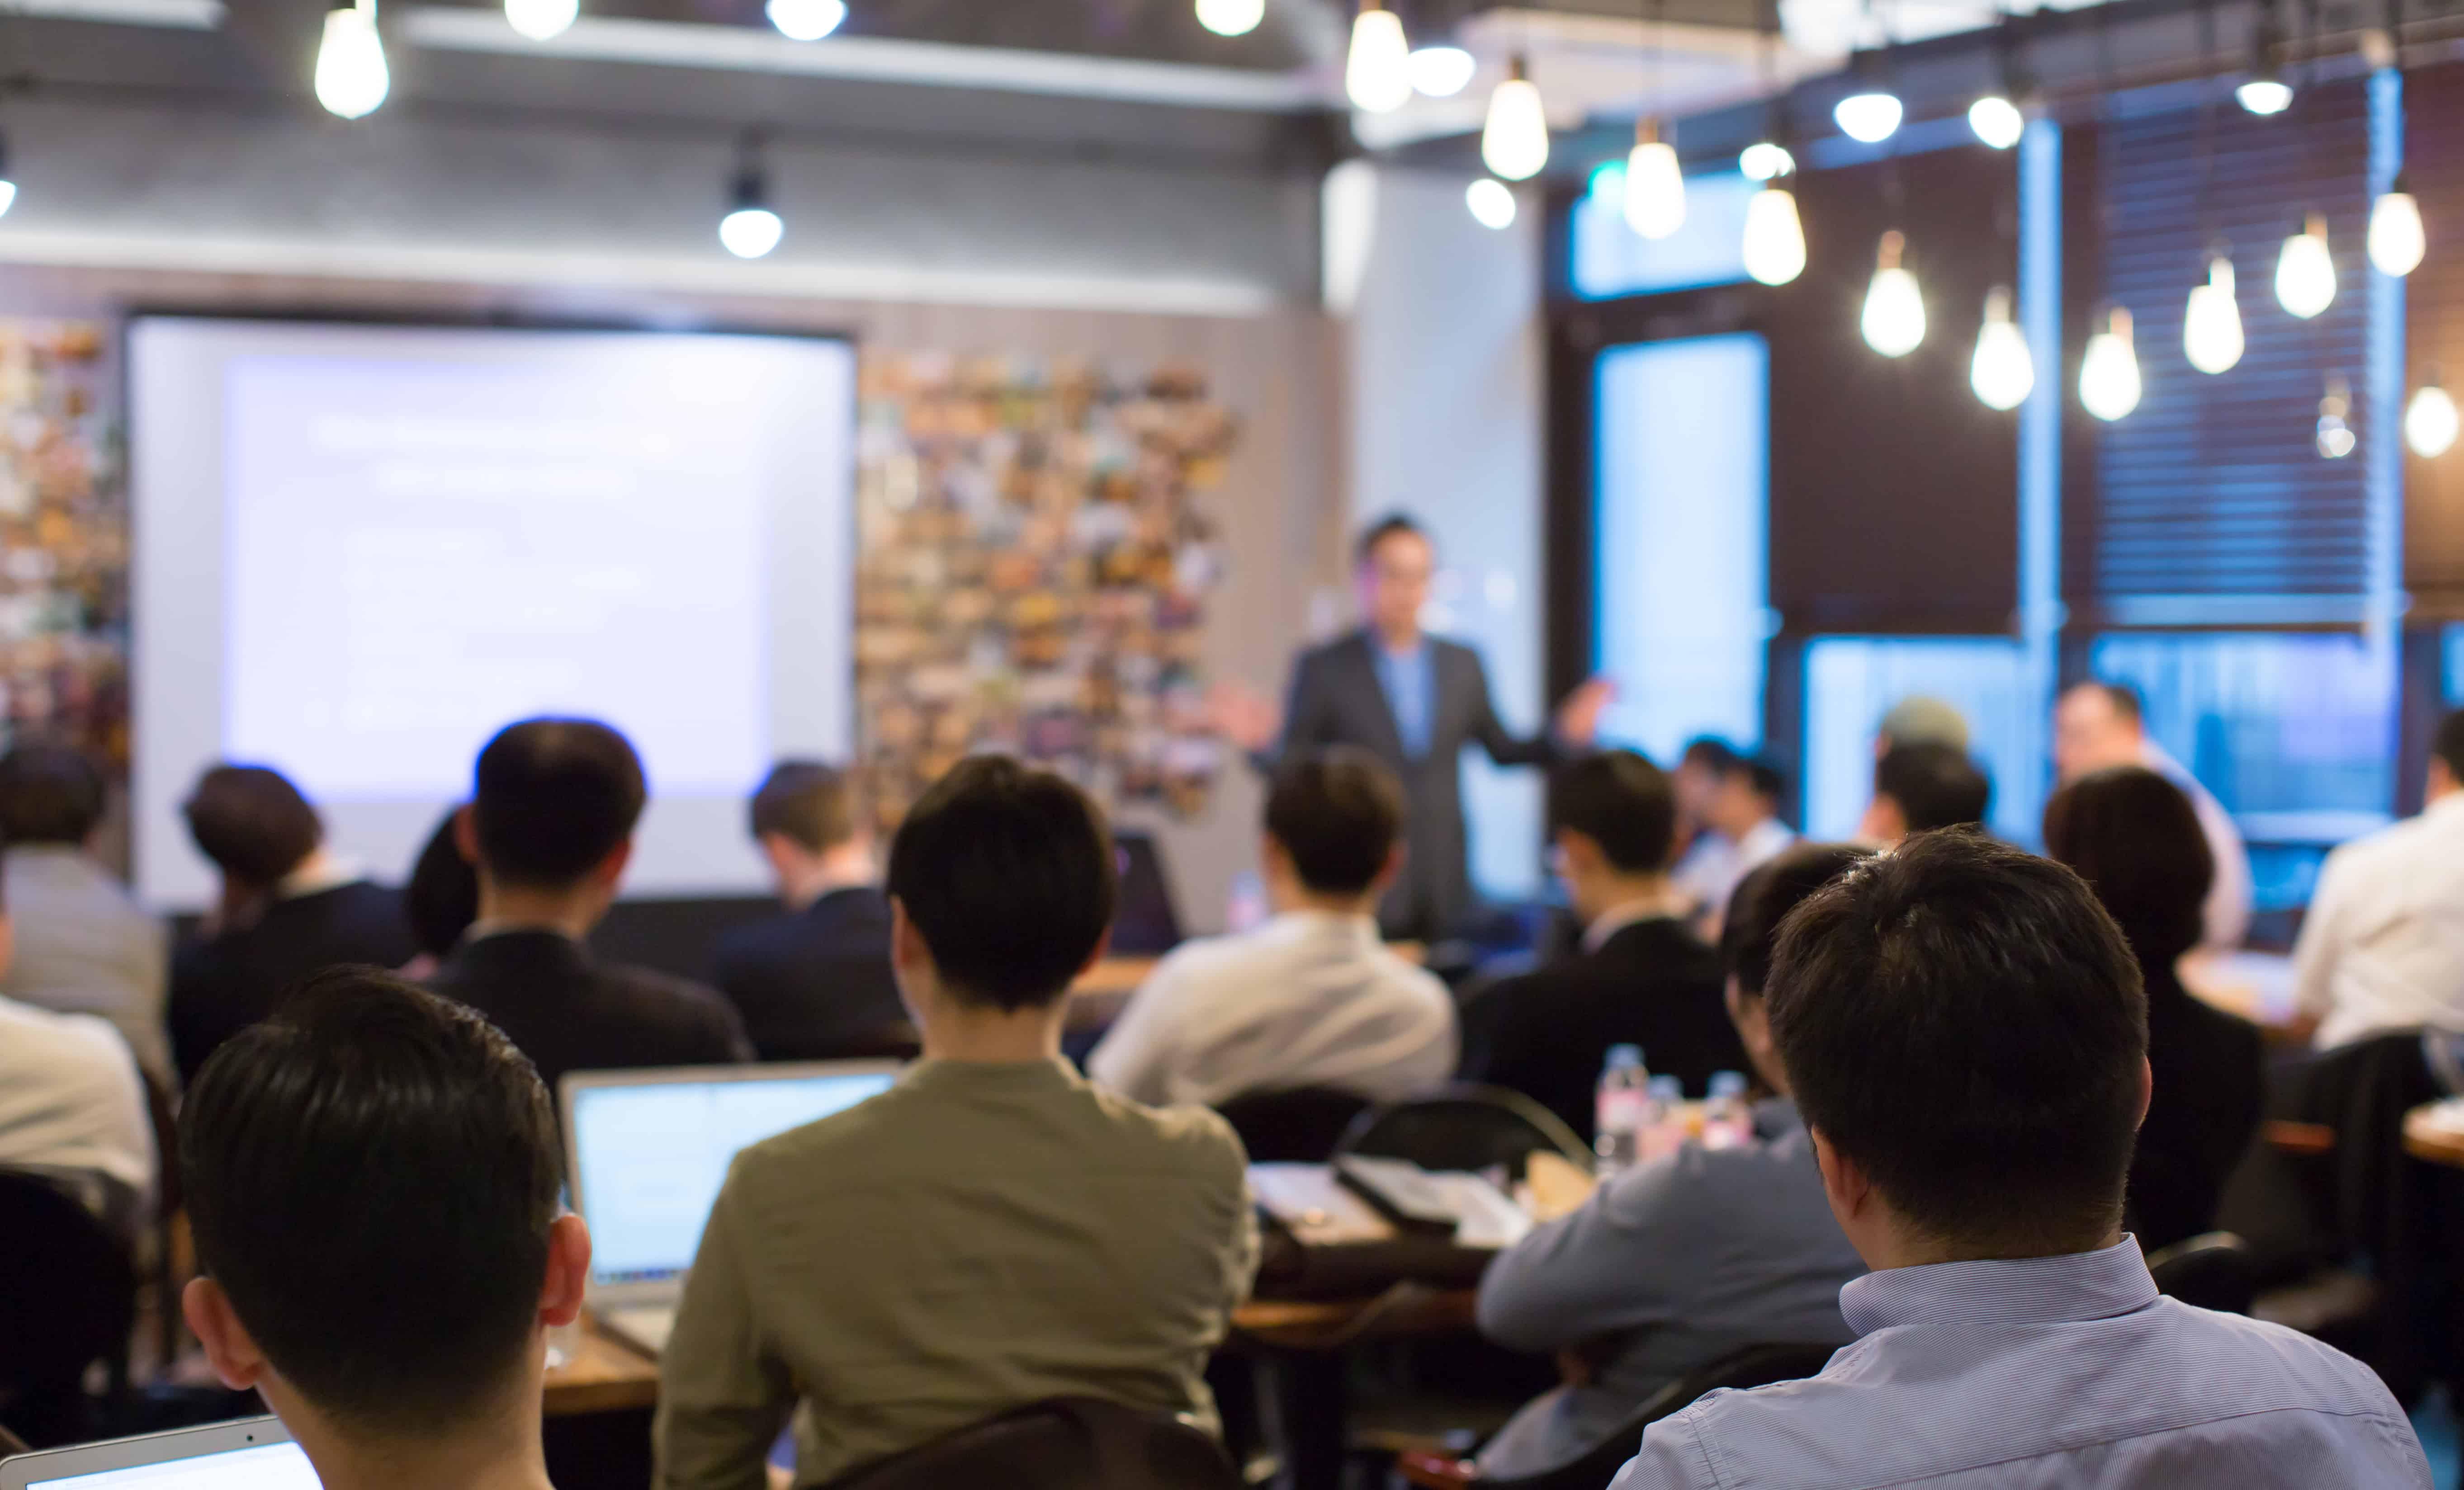 Das Bild zeigt einen Redner in einem Saal, das Bild ist verschwommen.